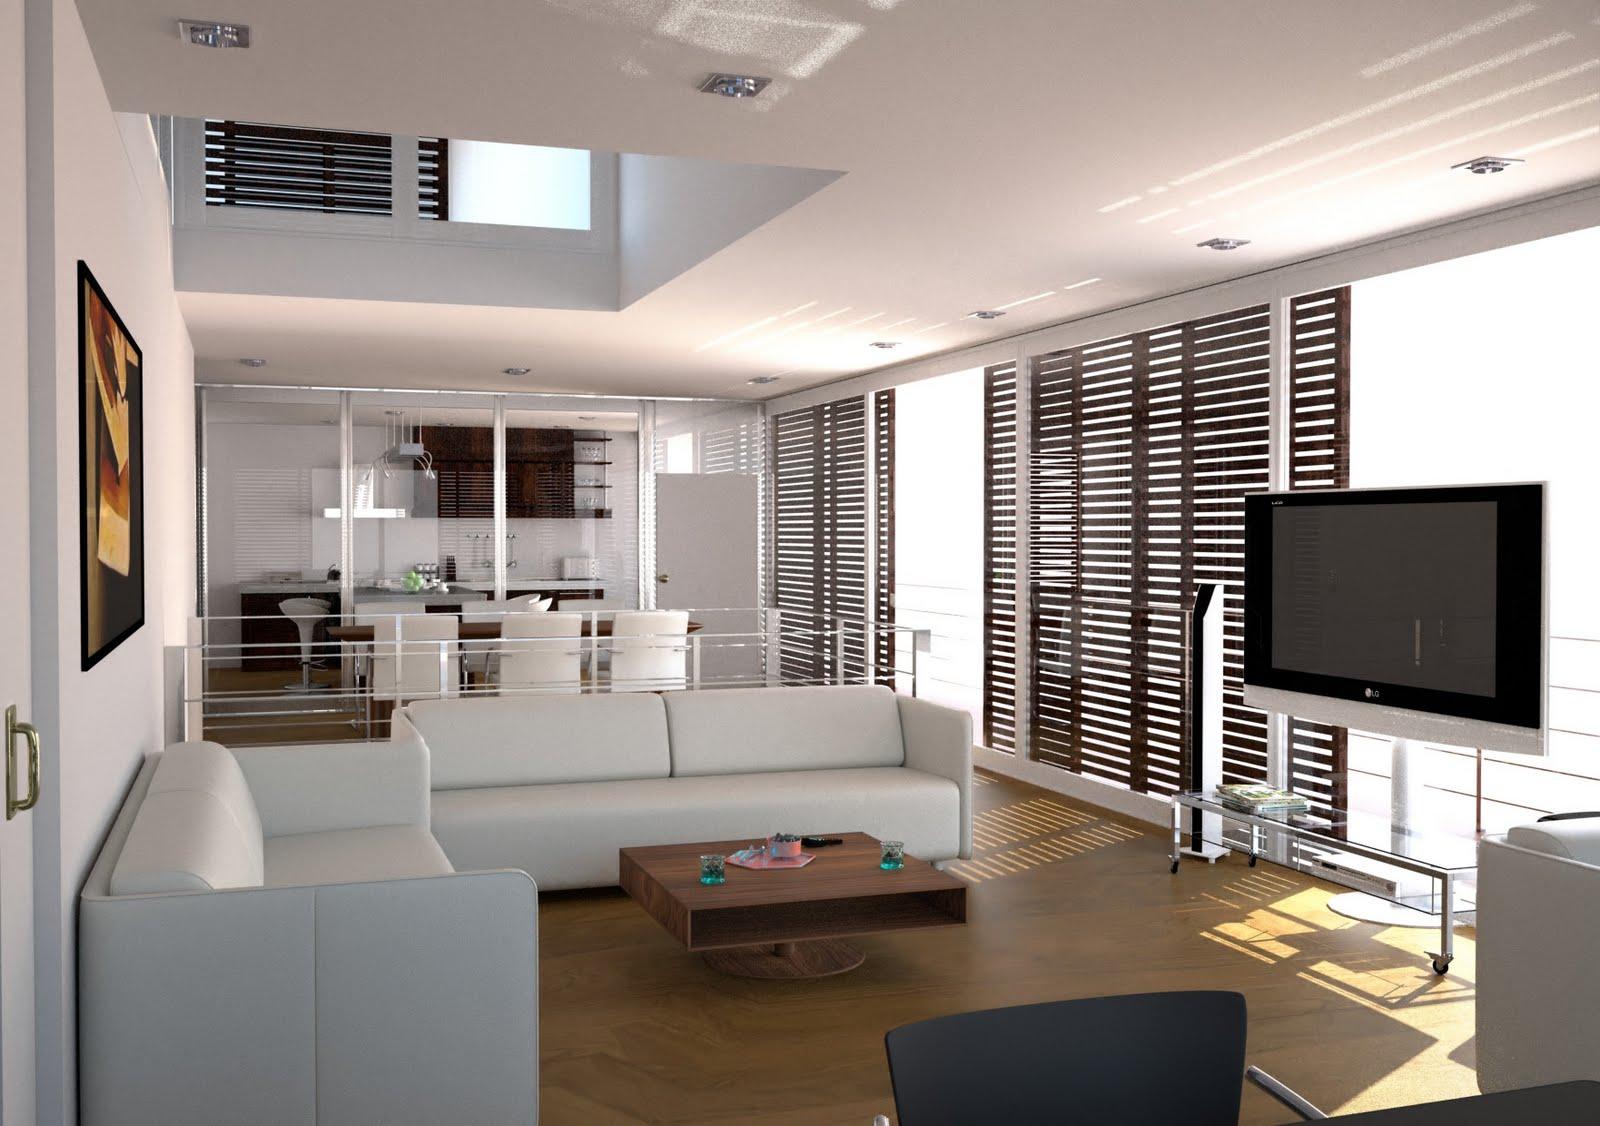 Home Interior Designs | Interior Decorating Design